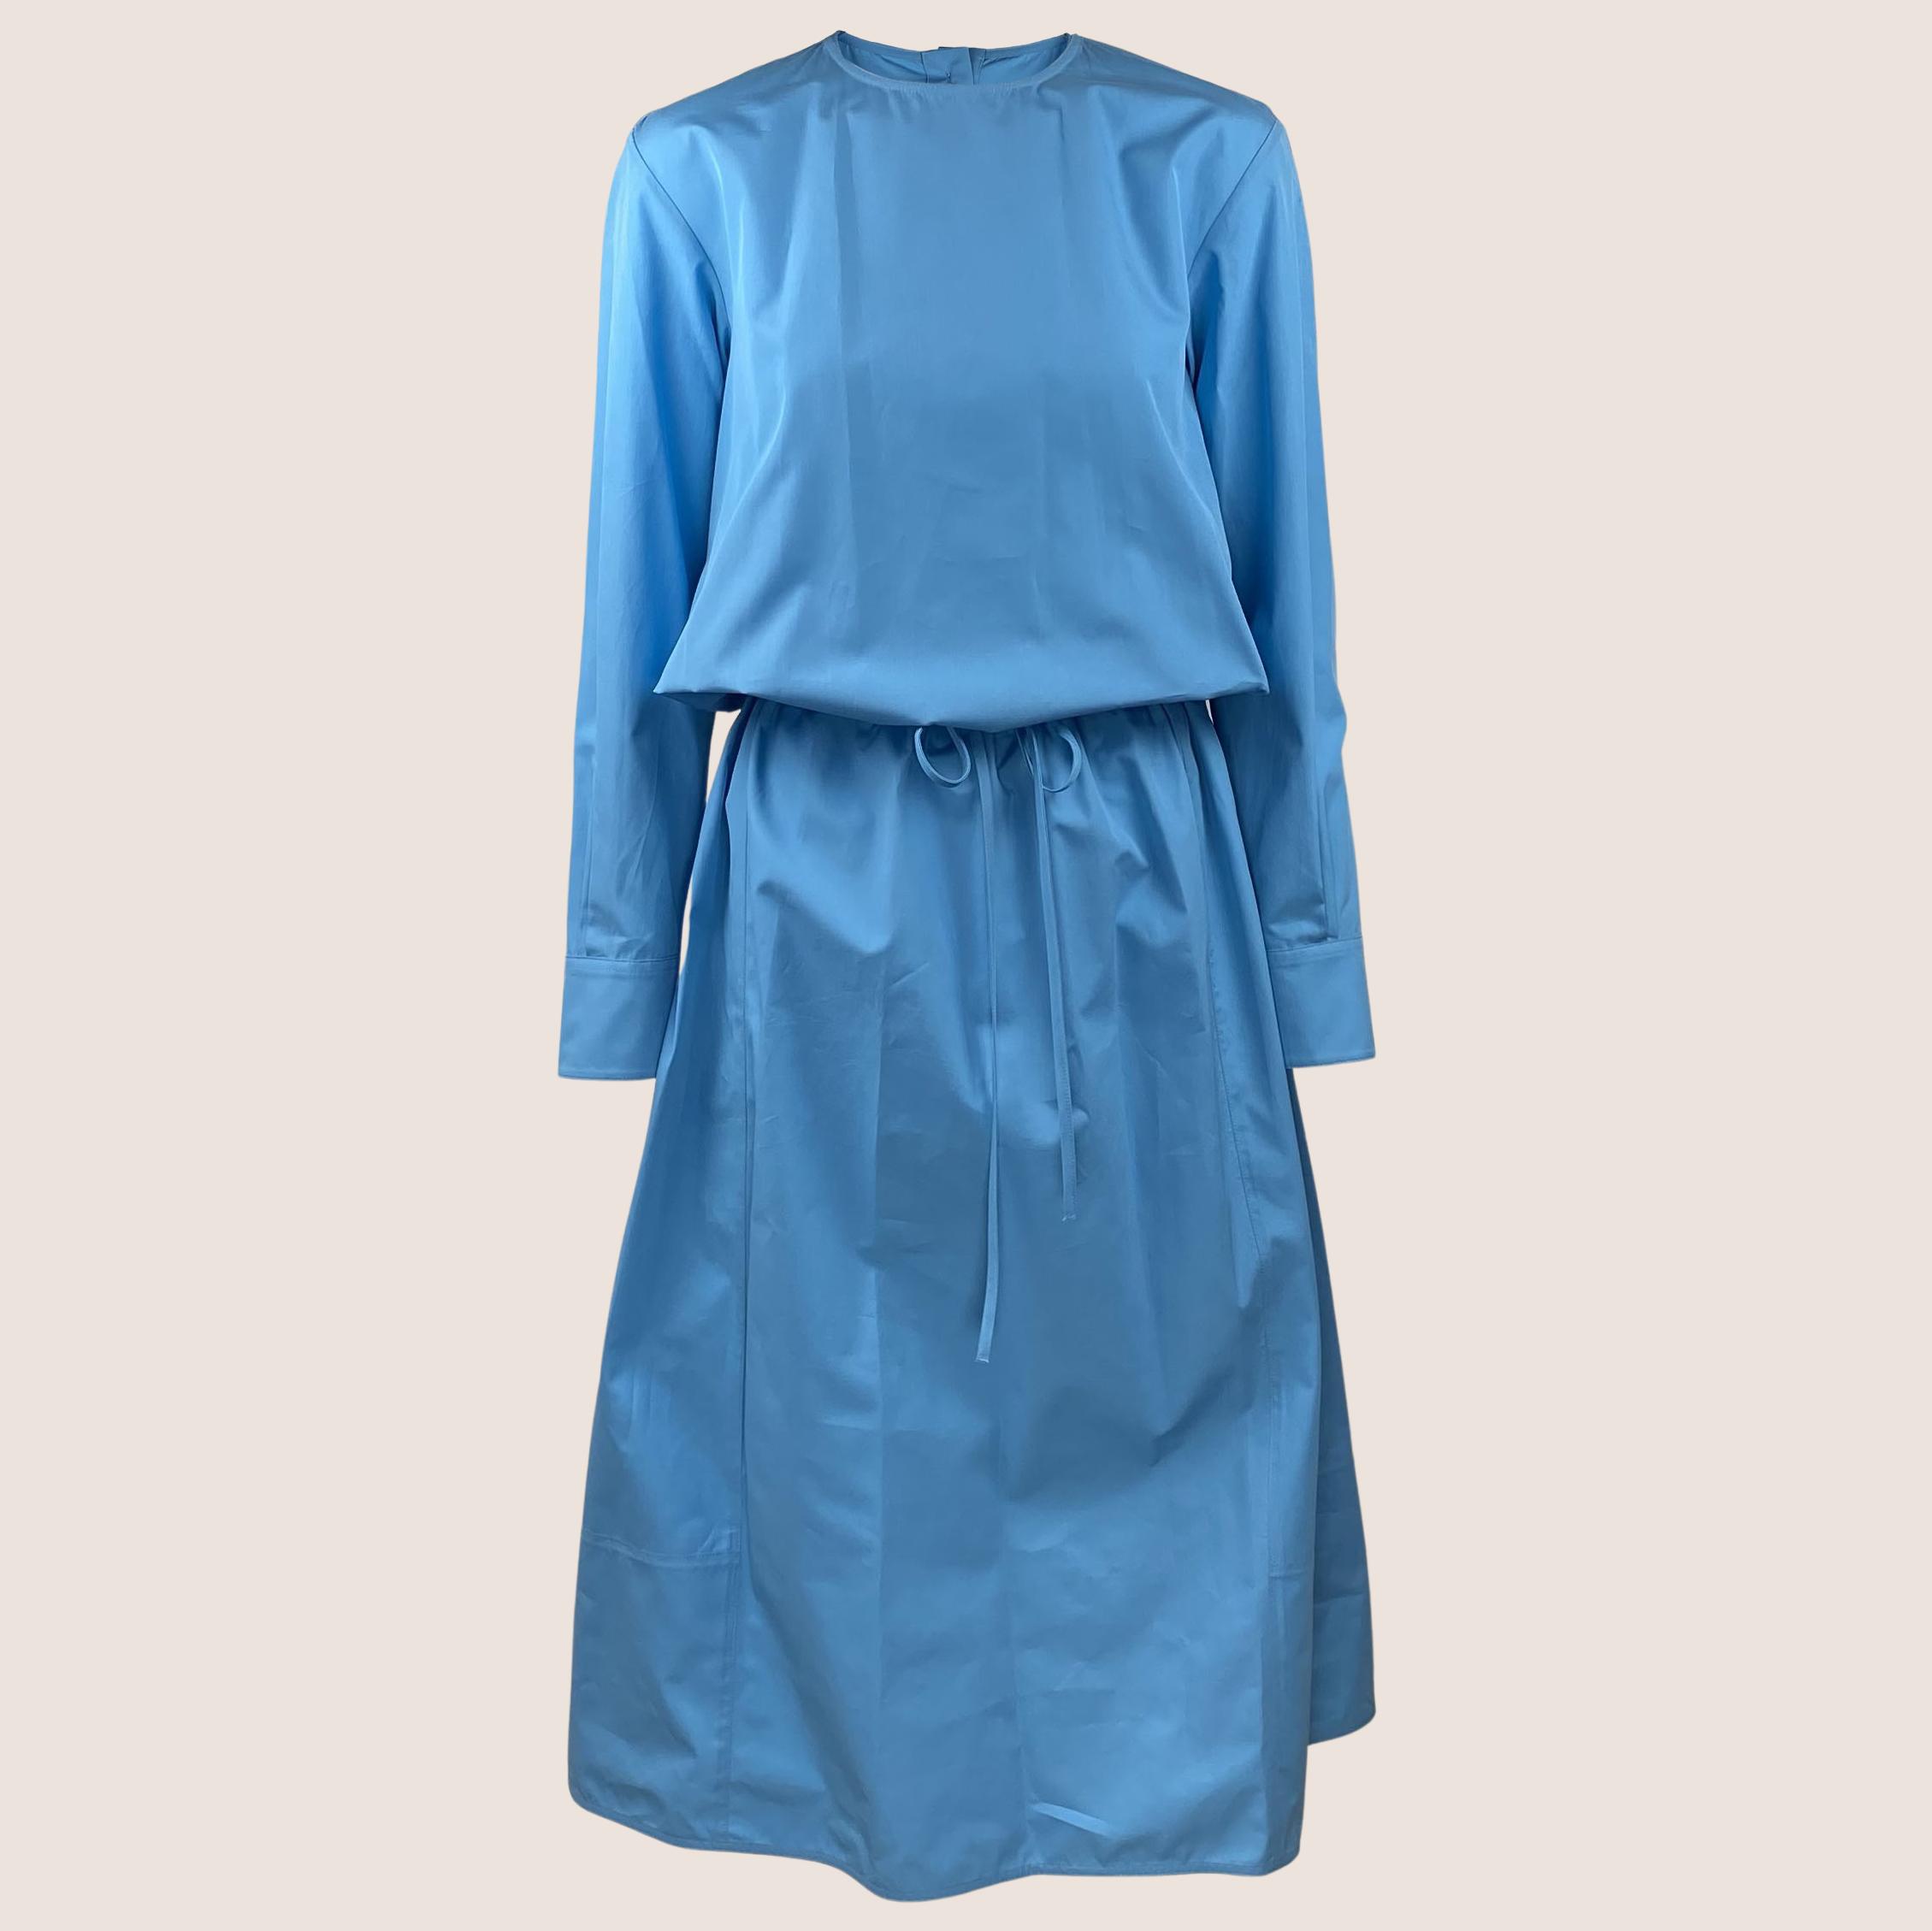 Bright Blue Poplin Dress